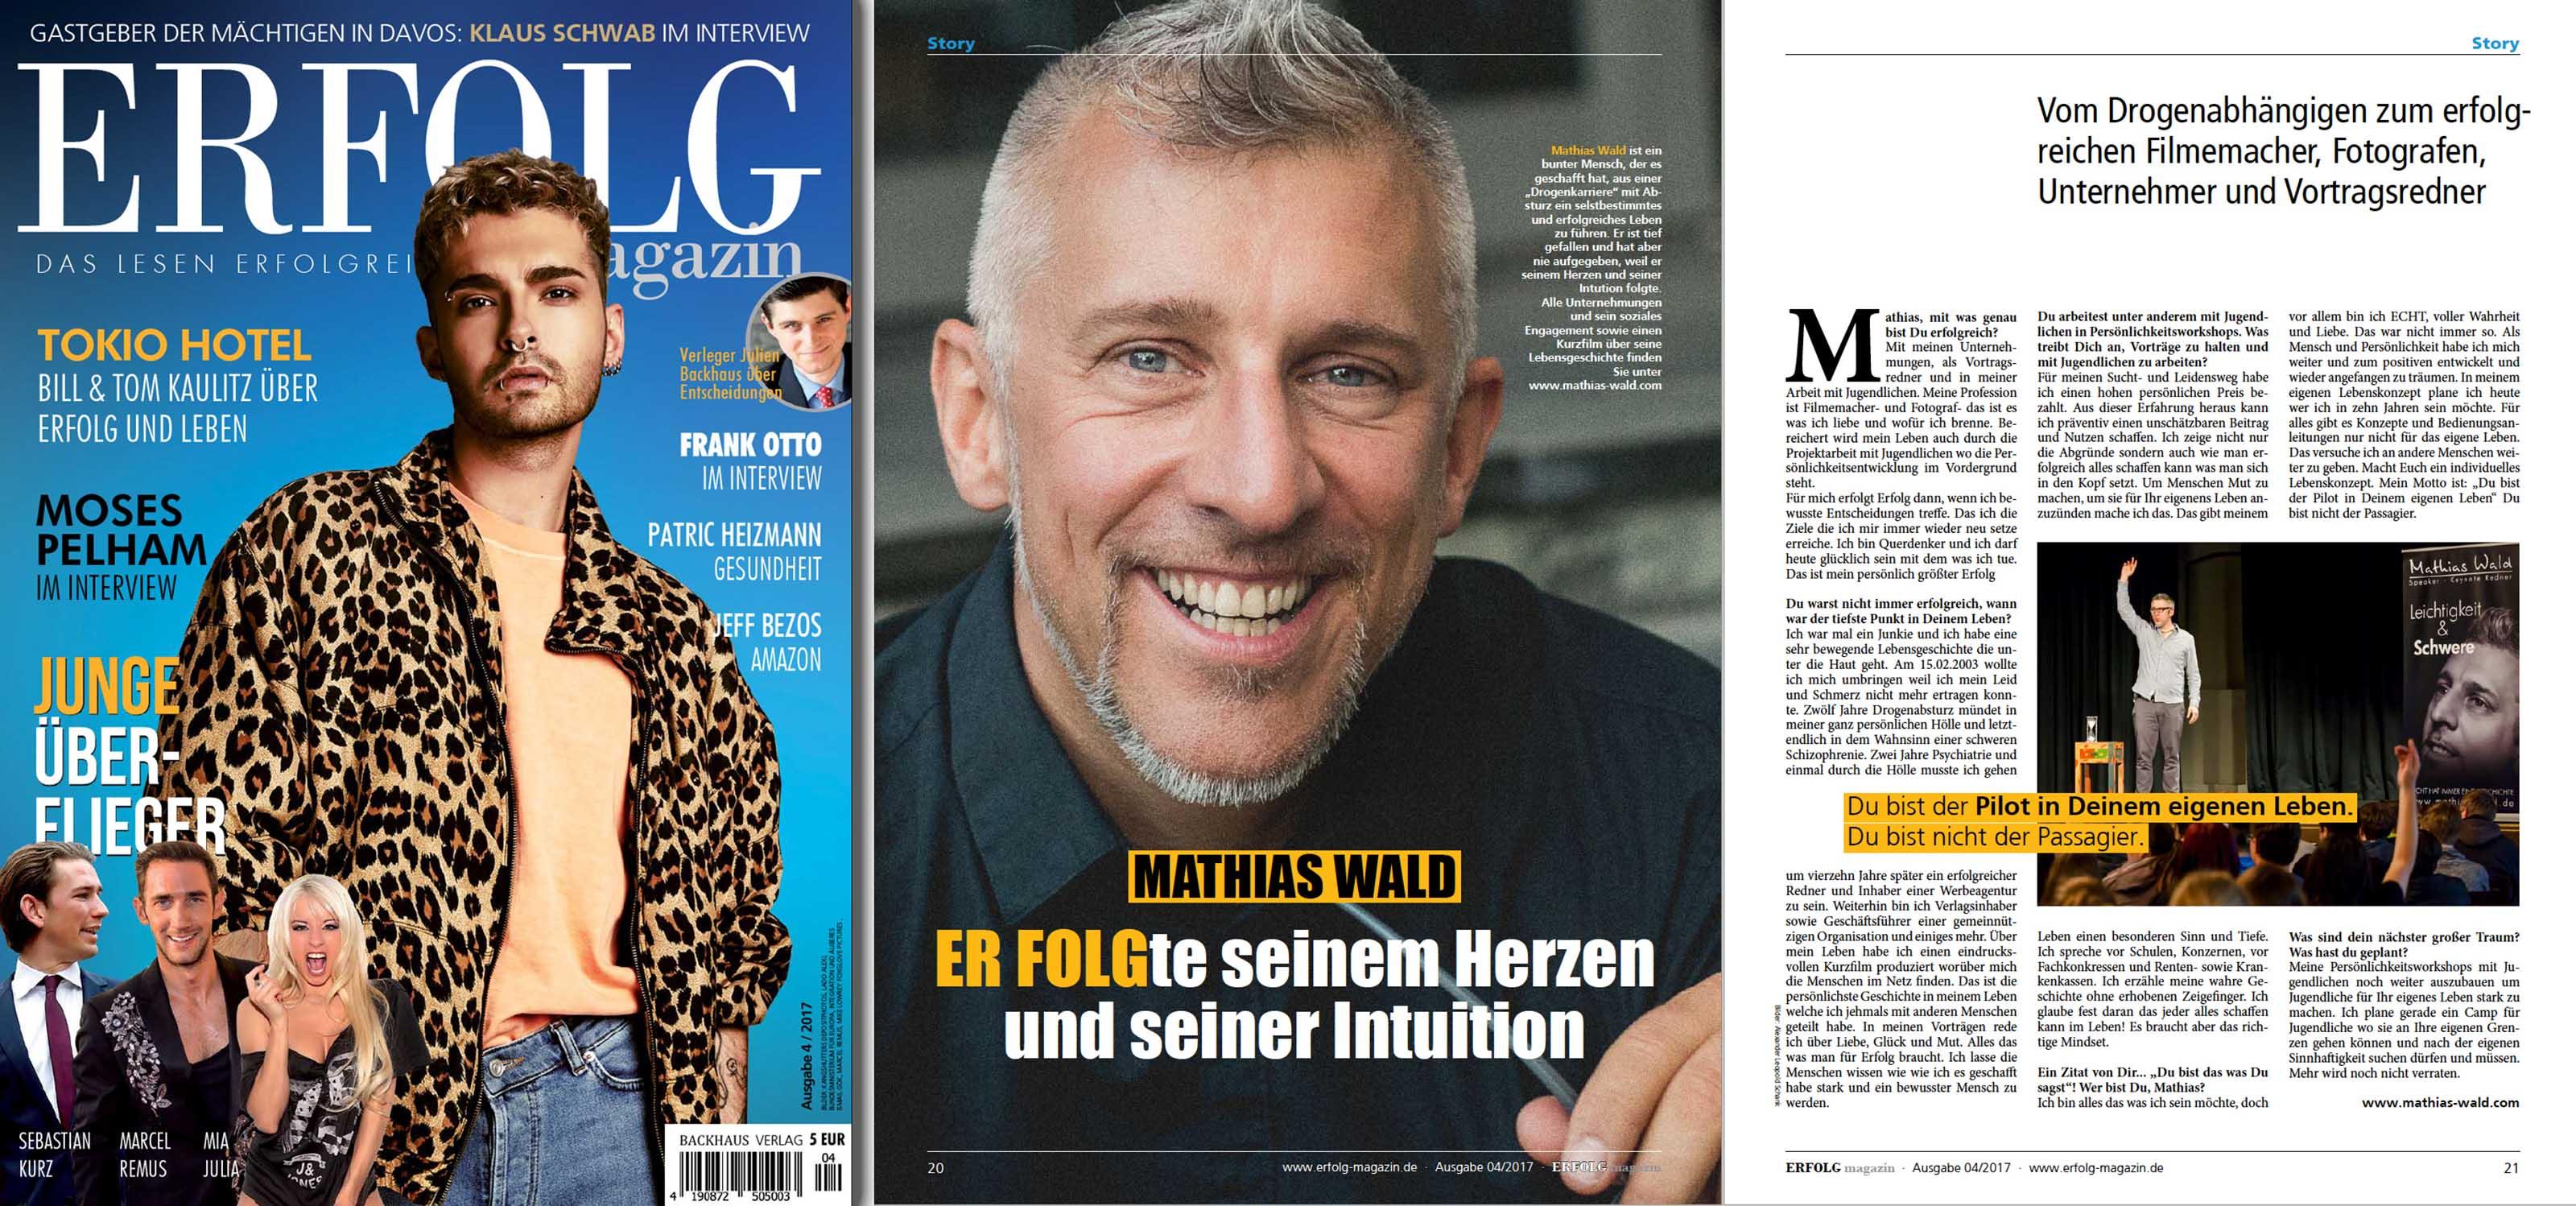 Mathias Wald im Erflog Magazin